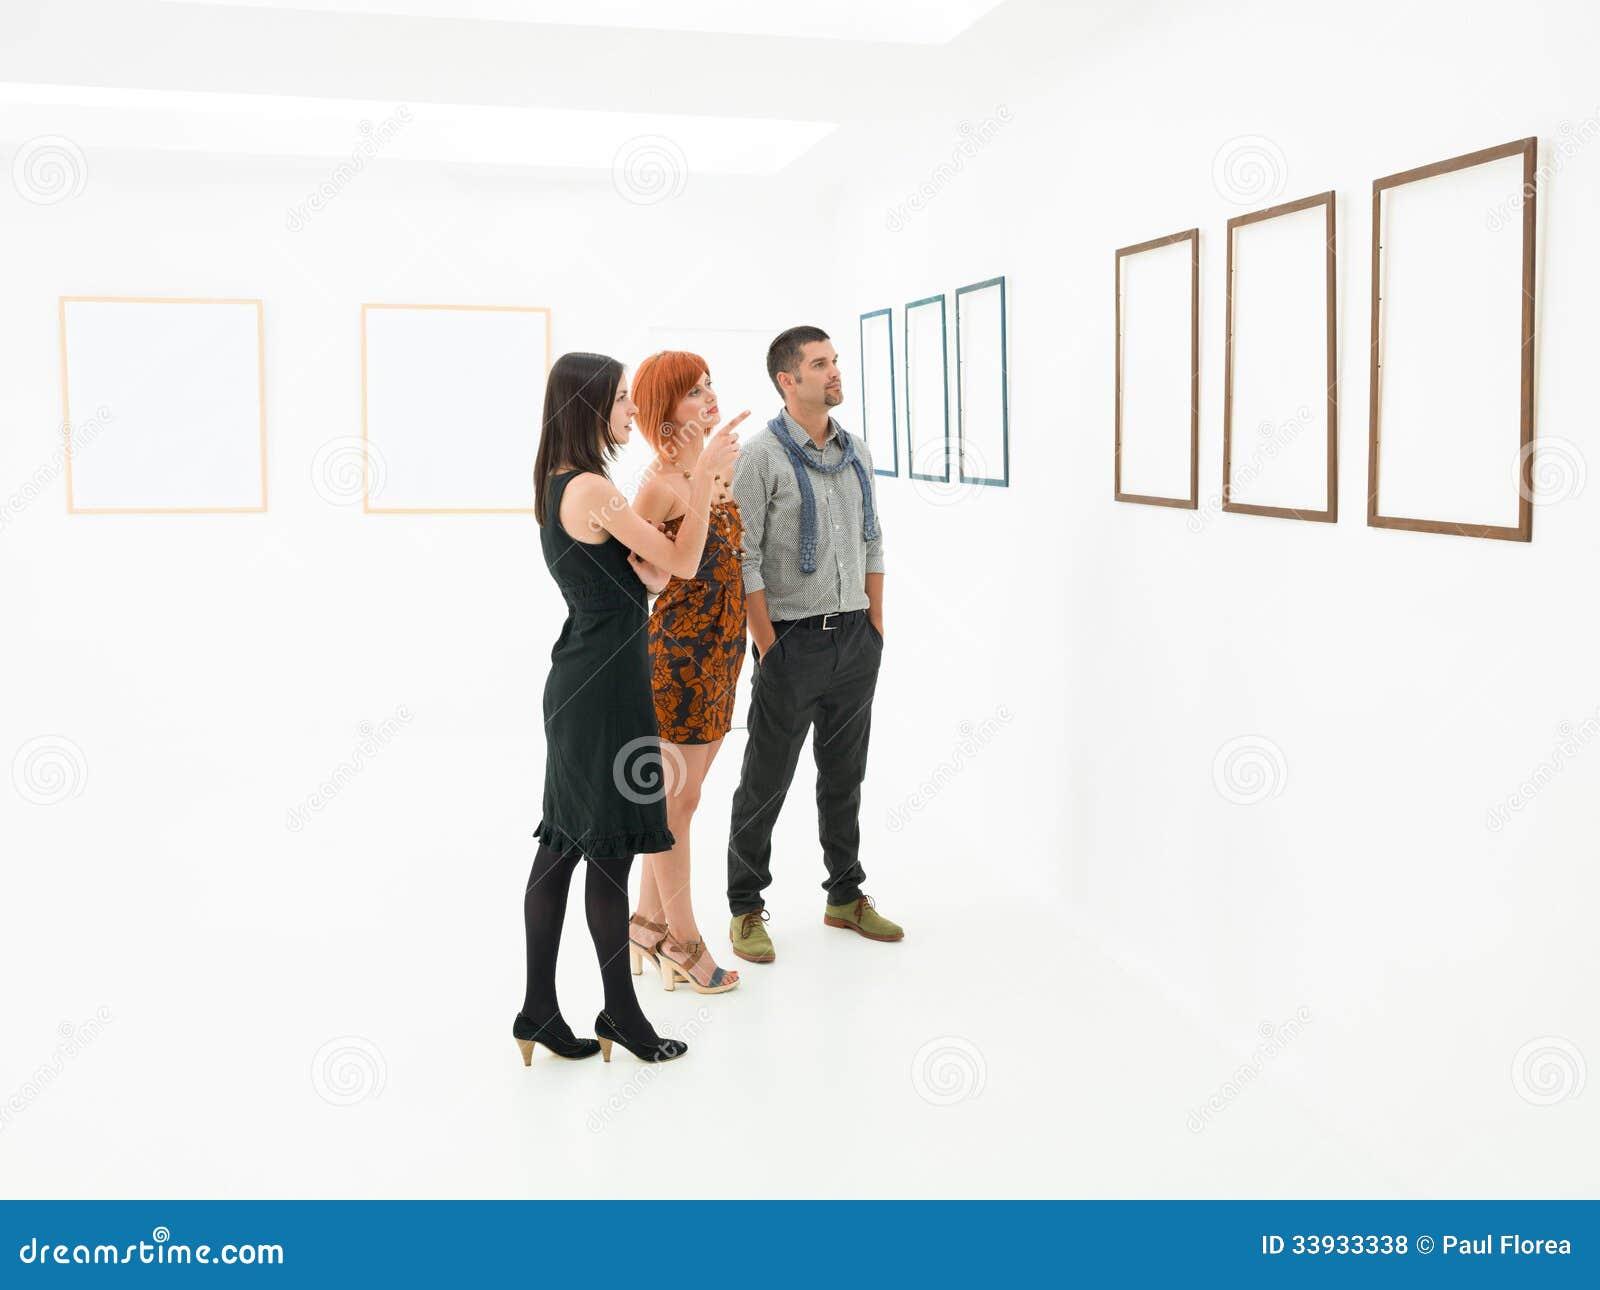 Gruppo di persone che contemplano i materiali illustrativi for Materiali da costruzione che iniziano con i